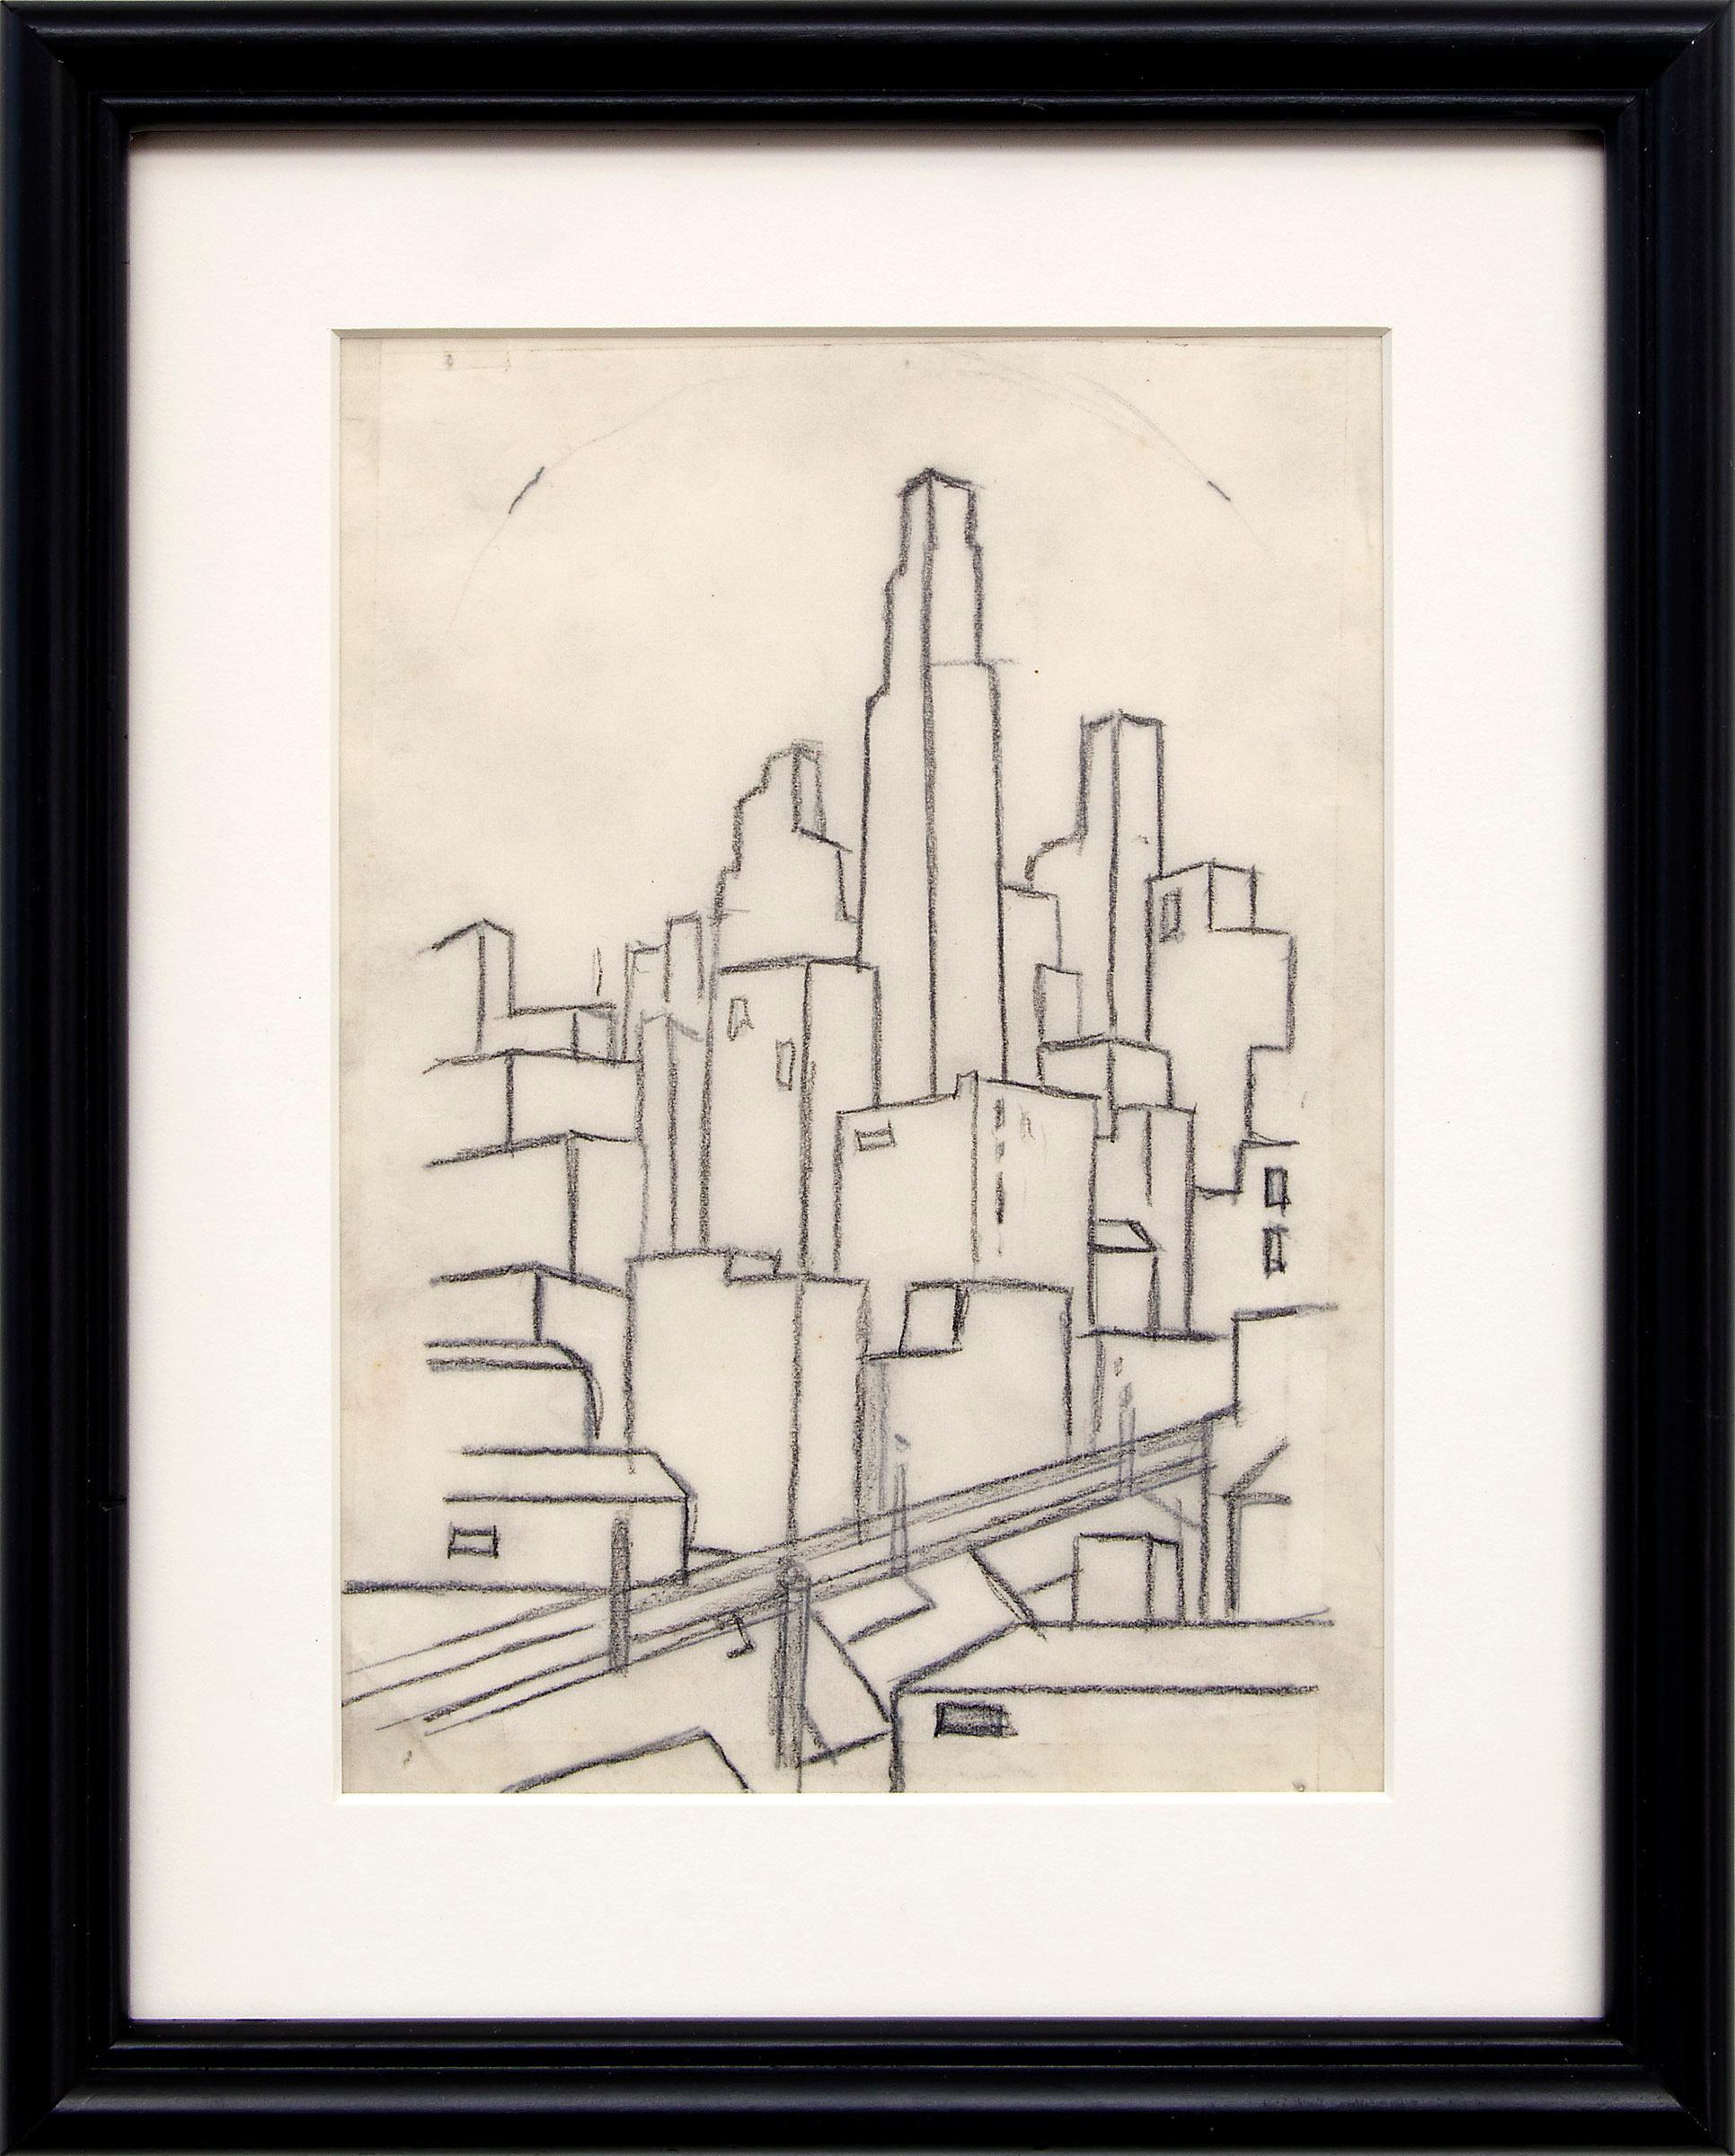 Kansas City Skyline, 1930s WPA Era Modernist Line Drawing, Black & White, Framed